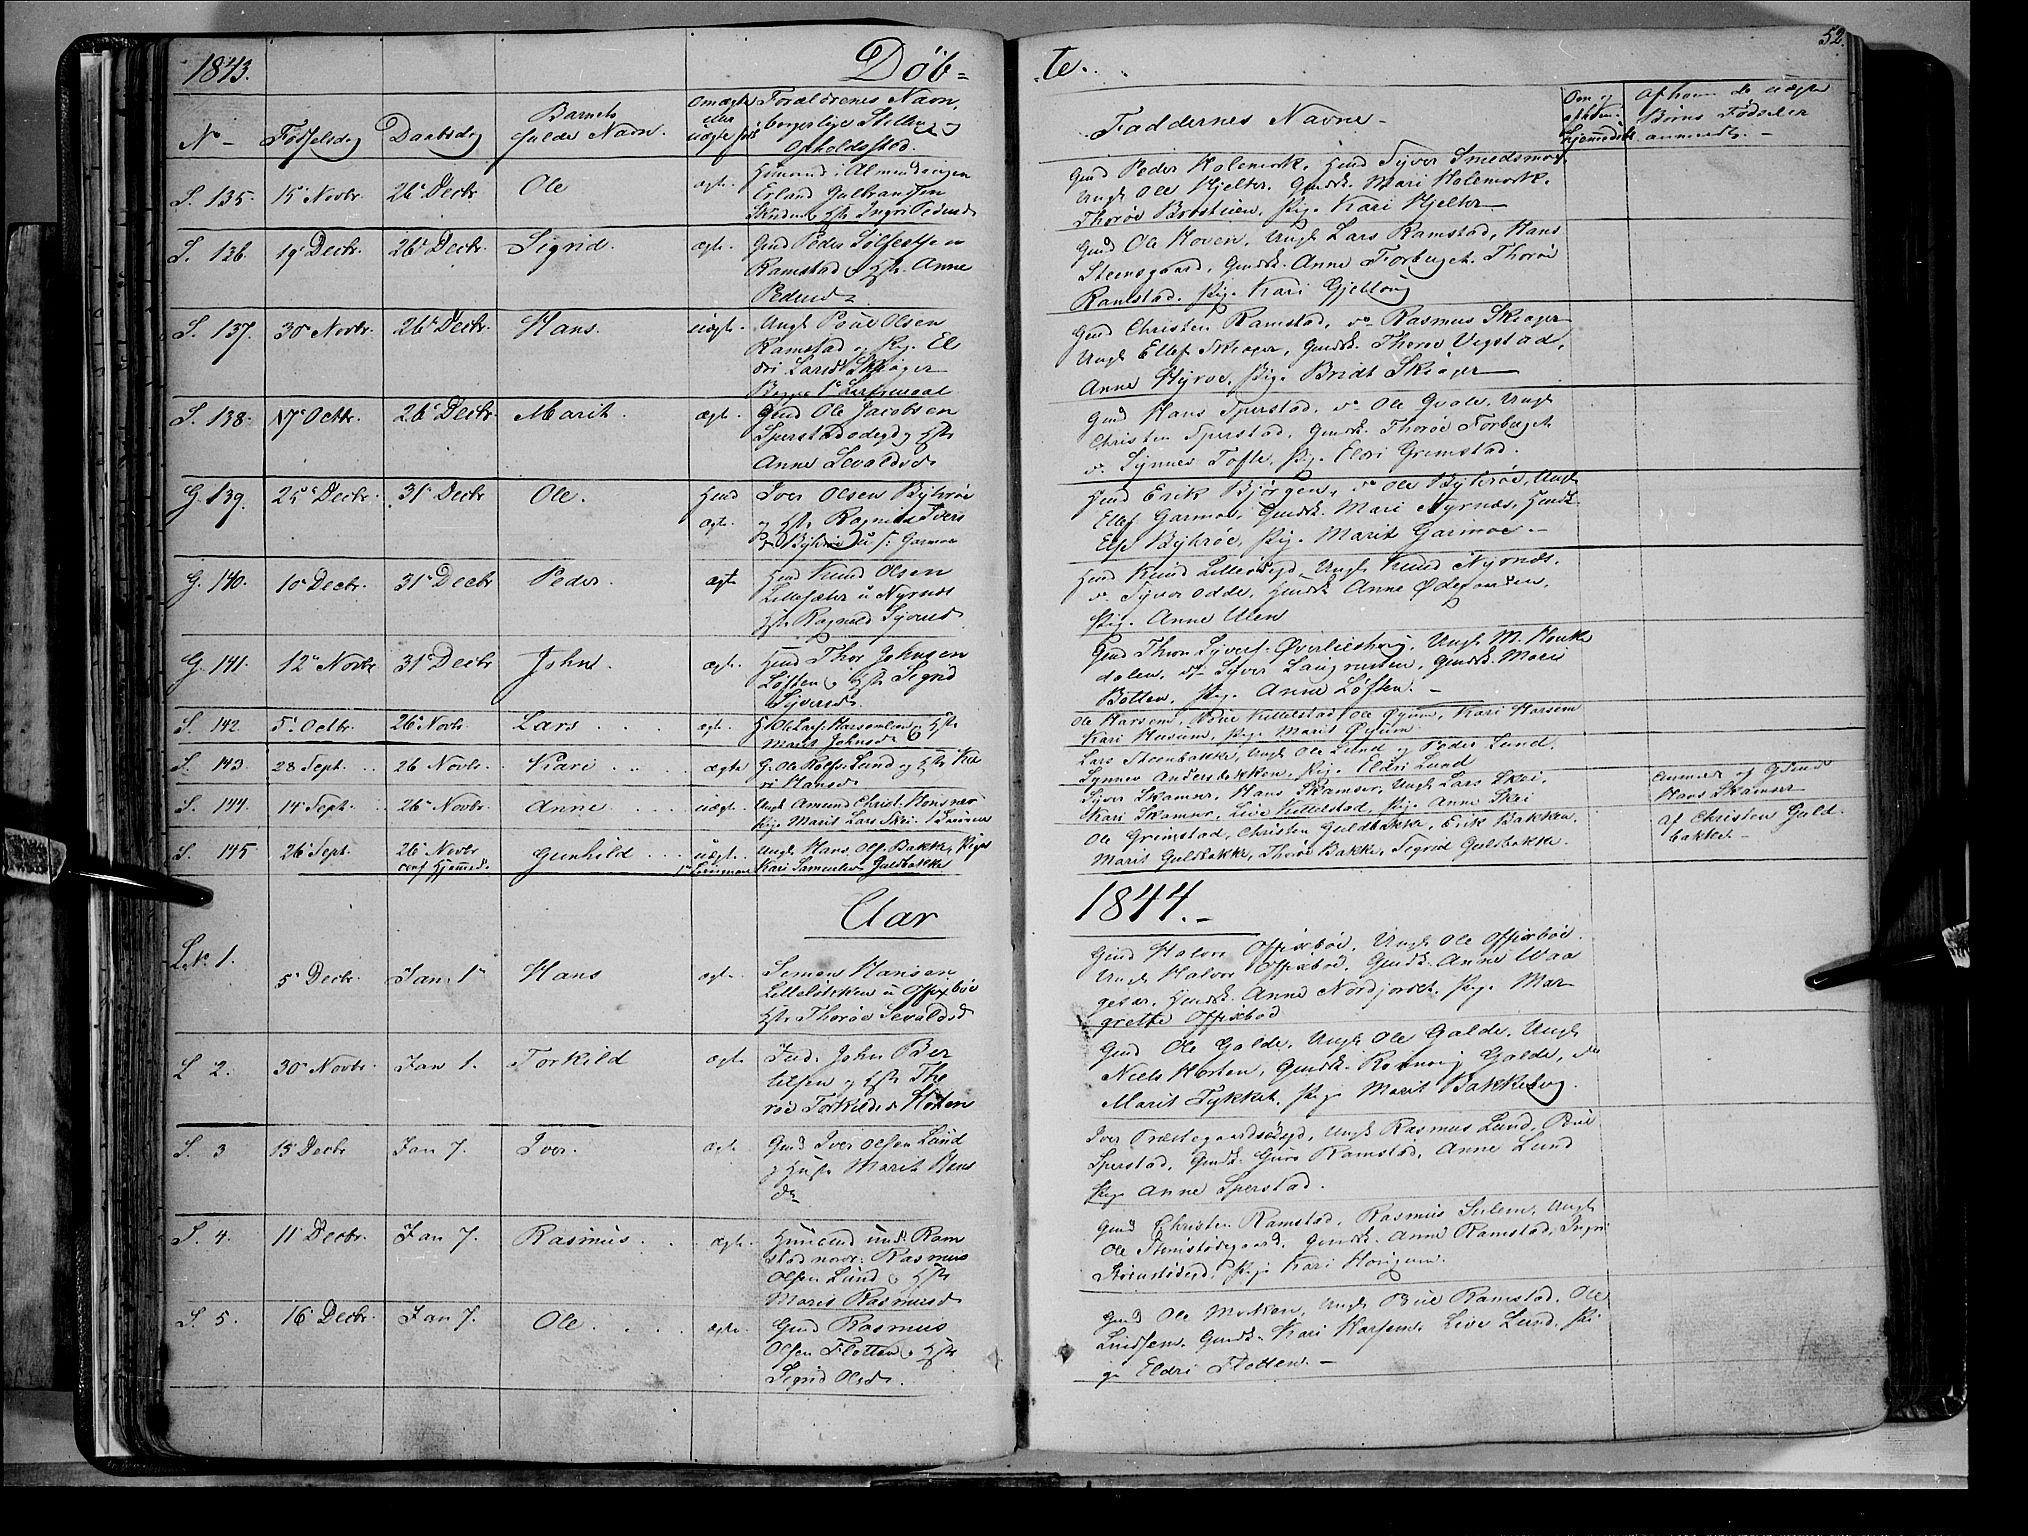 SAH, Lom prestekontor, K/L0006: Ministerialbok nr. 6A, 1837-1863, s. 52